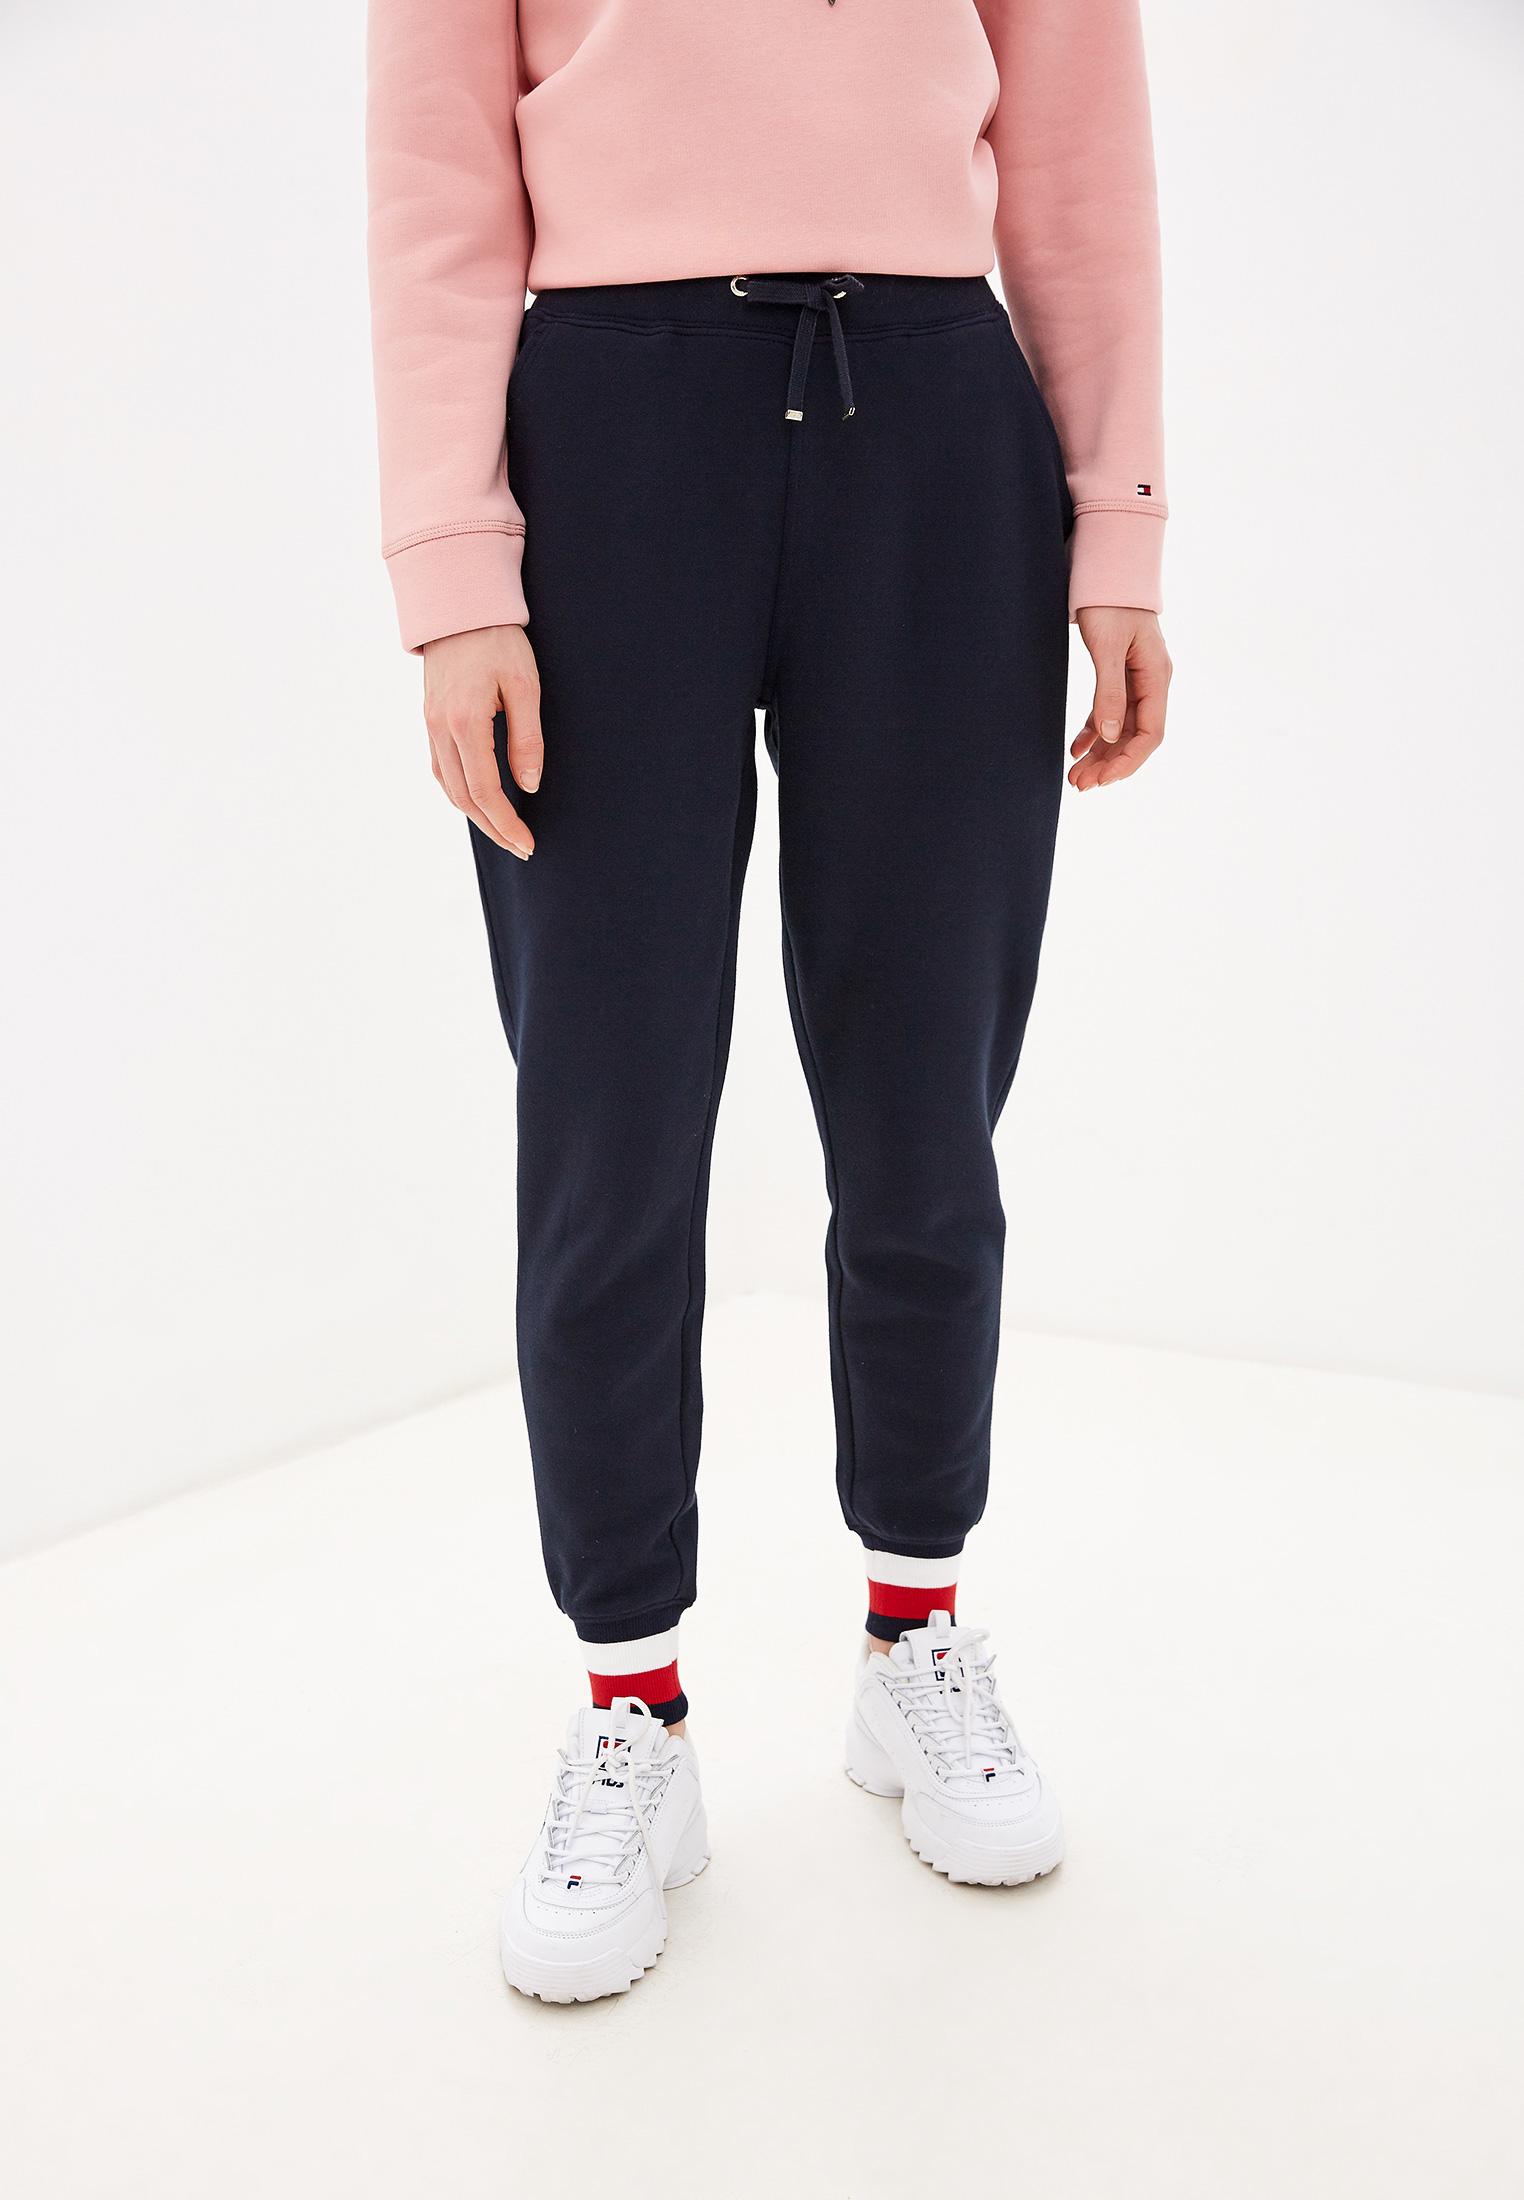 Женские спортивные брюки Tommy Hilfiger (Томми Хилфигер) WW0WW24970